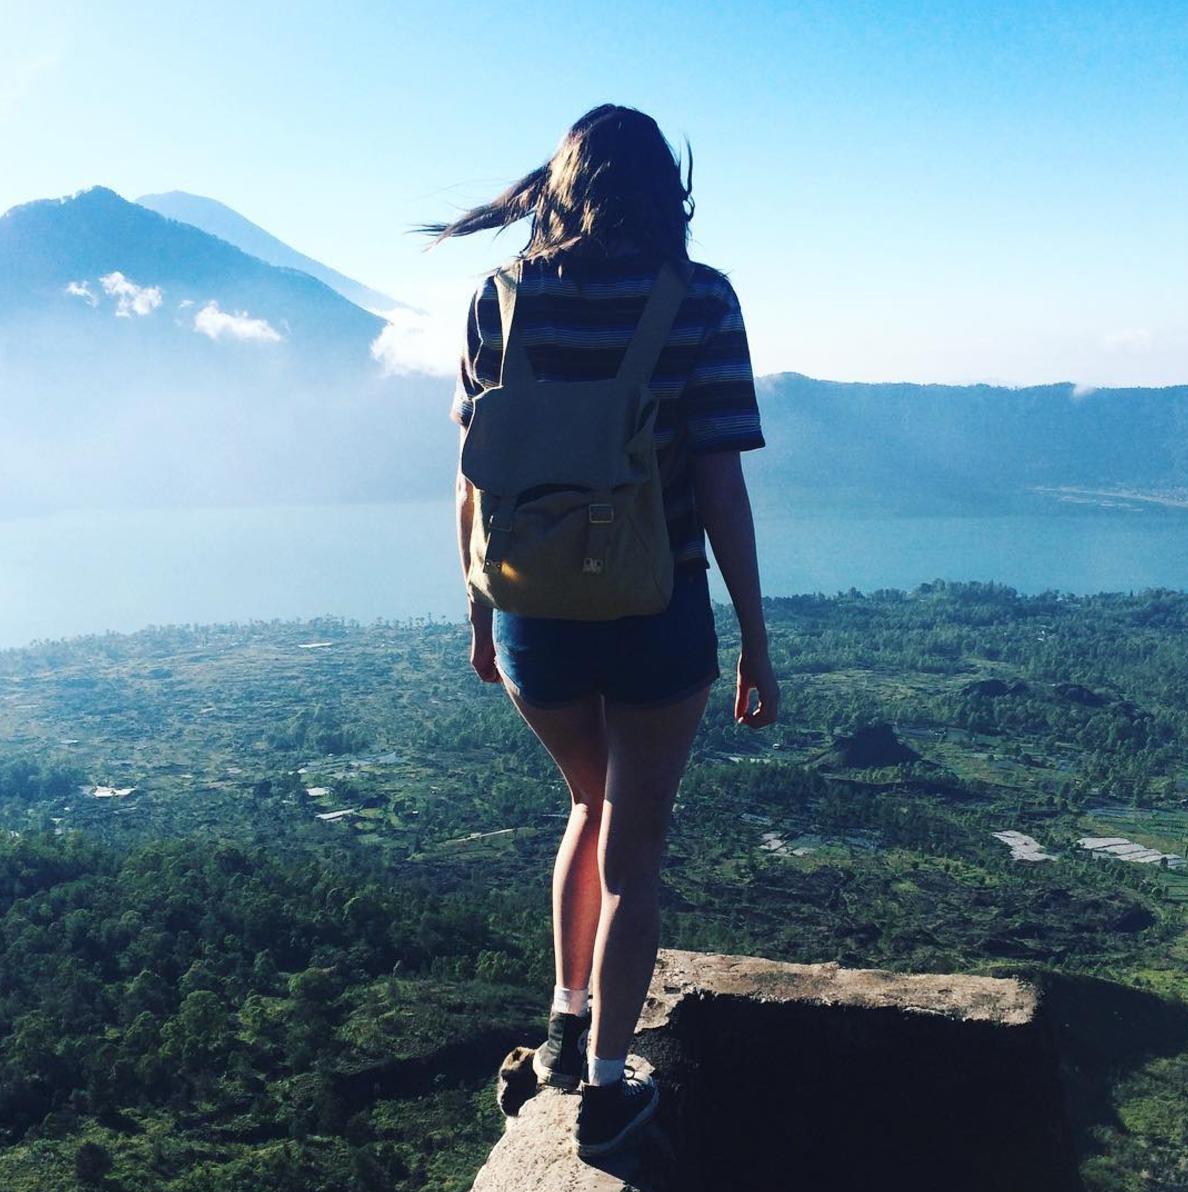 On top of Mount Batur Volcano, Bali